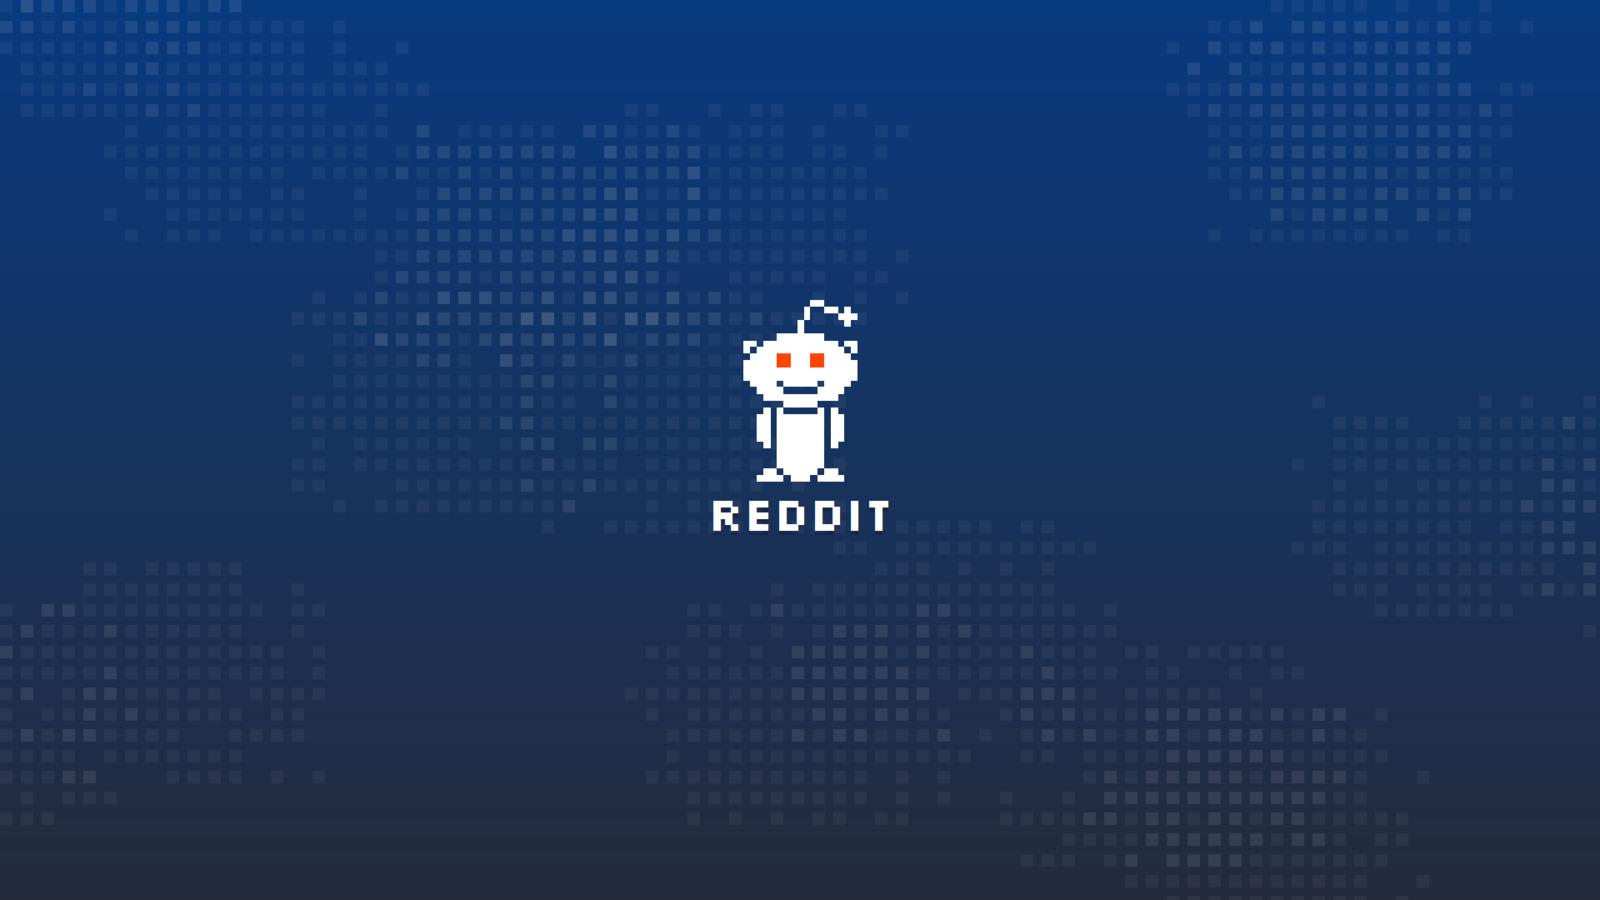 reddit-wide.jpg